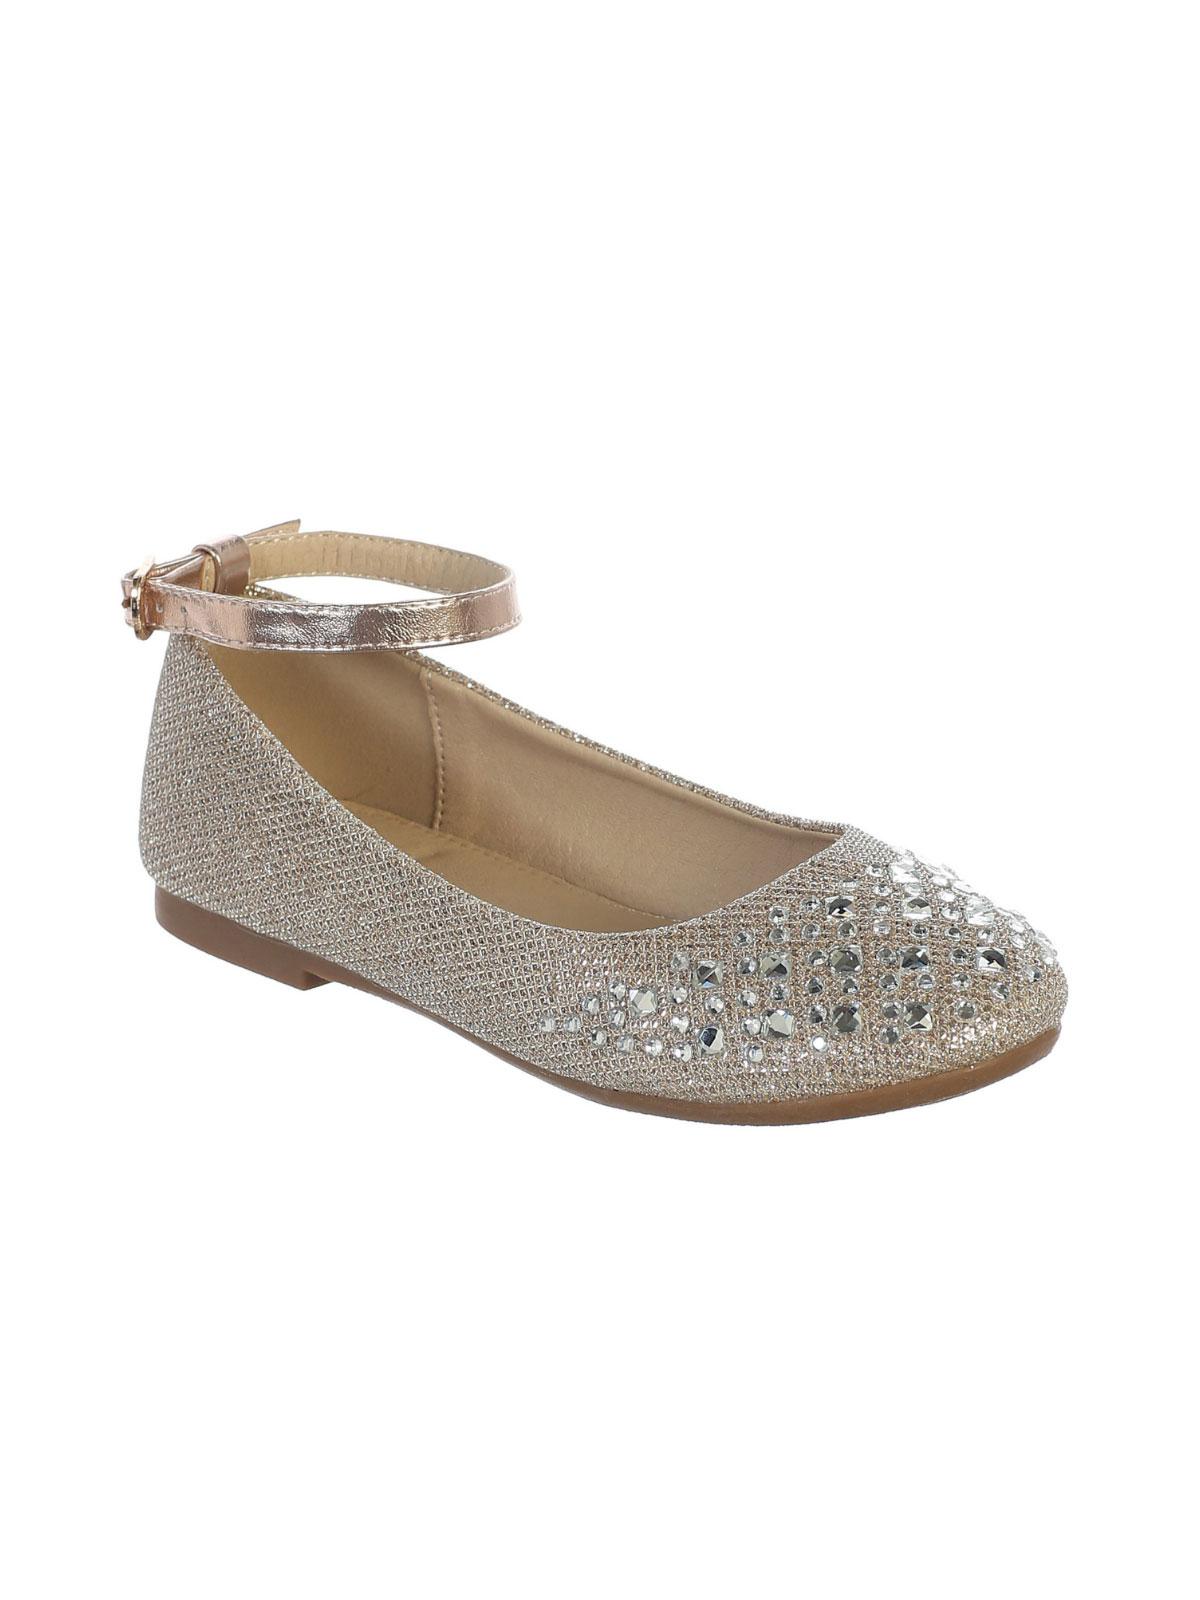 3fc6055204d1d Shoes - Flower Girl Dresses - Flower Girl Dress For Less